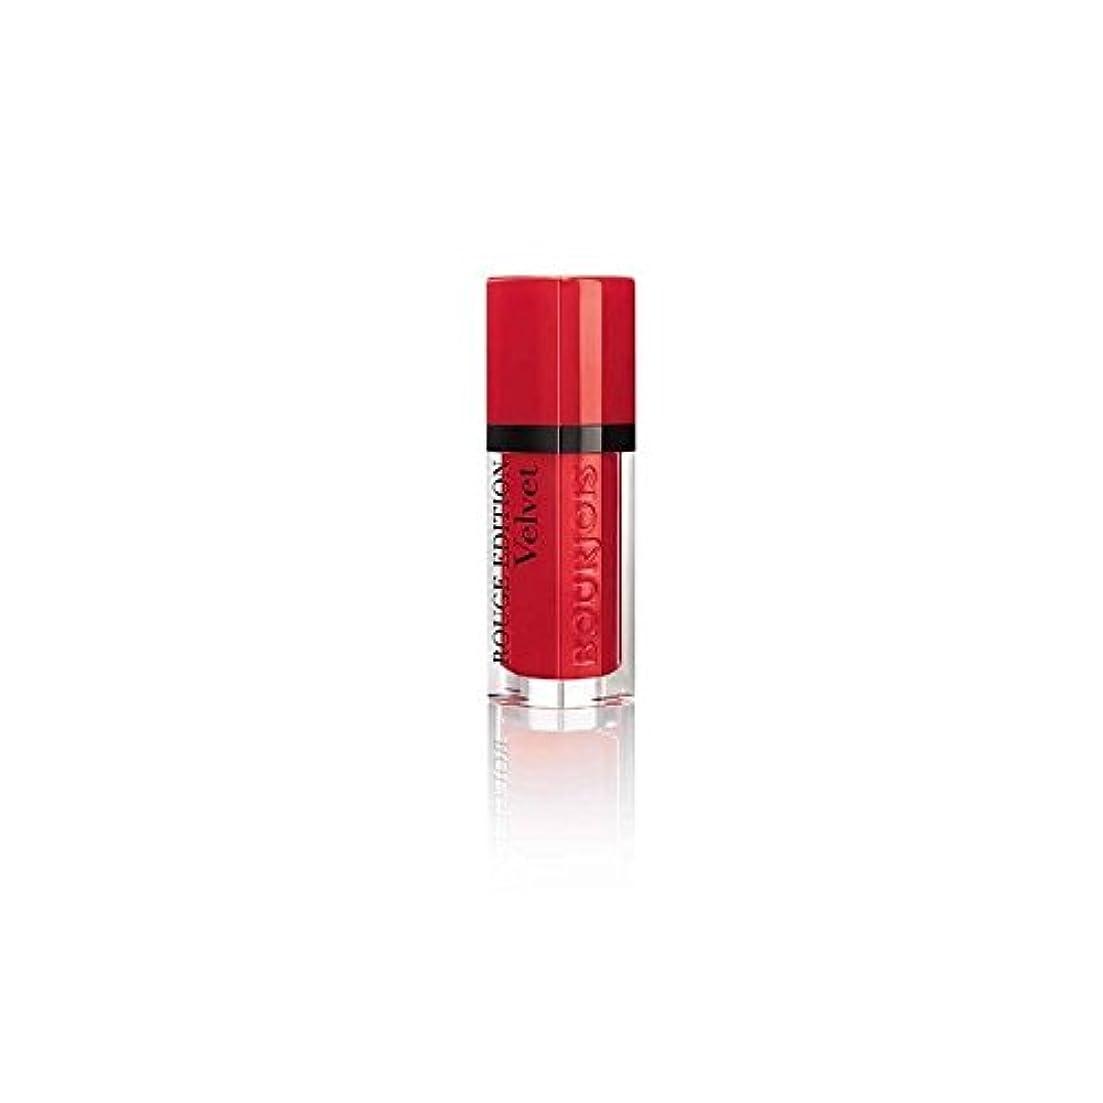 巡礼者日の出割り込みBourjois Rouge Edition Velvet Lipstick It's Redding Men 18 (Pack of 6) - ブルジョワルージュ版のベルベットの口紅は、それはレディングの男性18です x6 [並行輸入品]